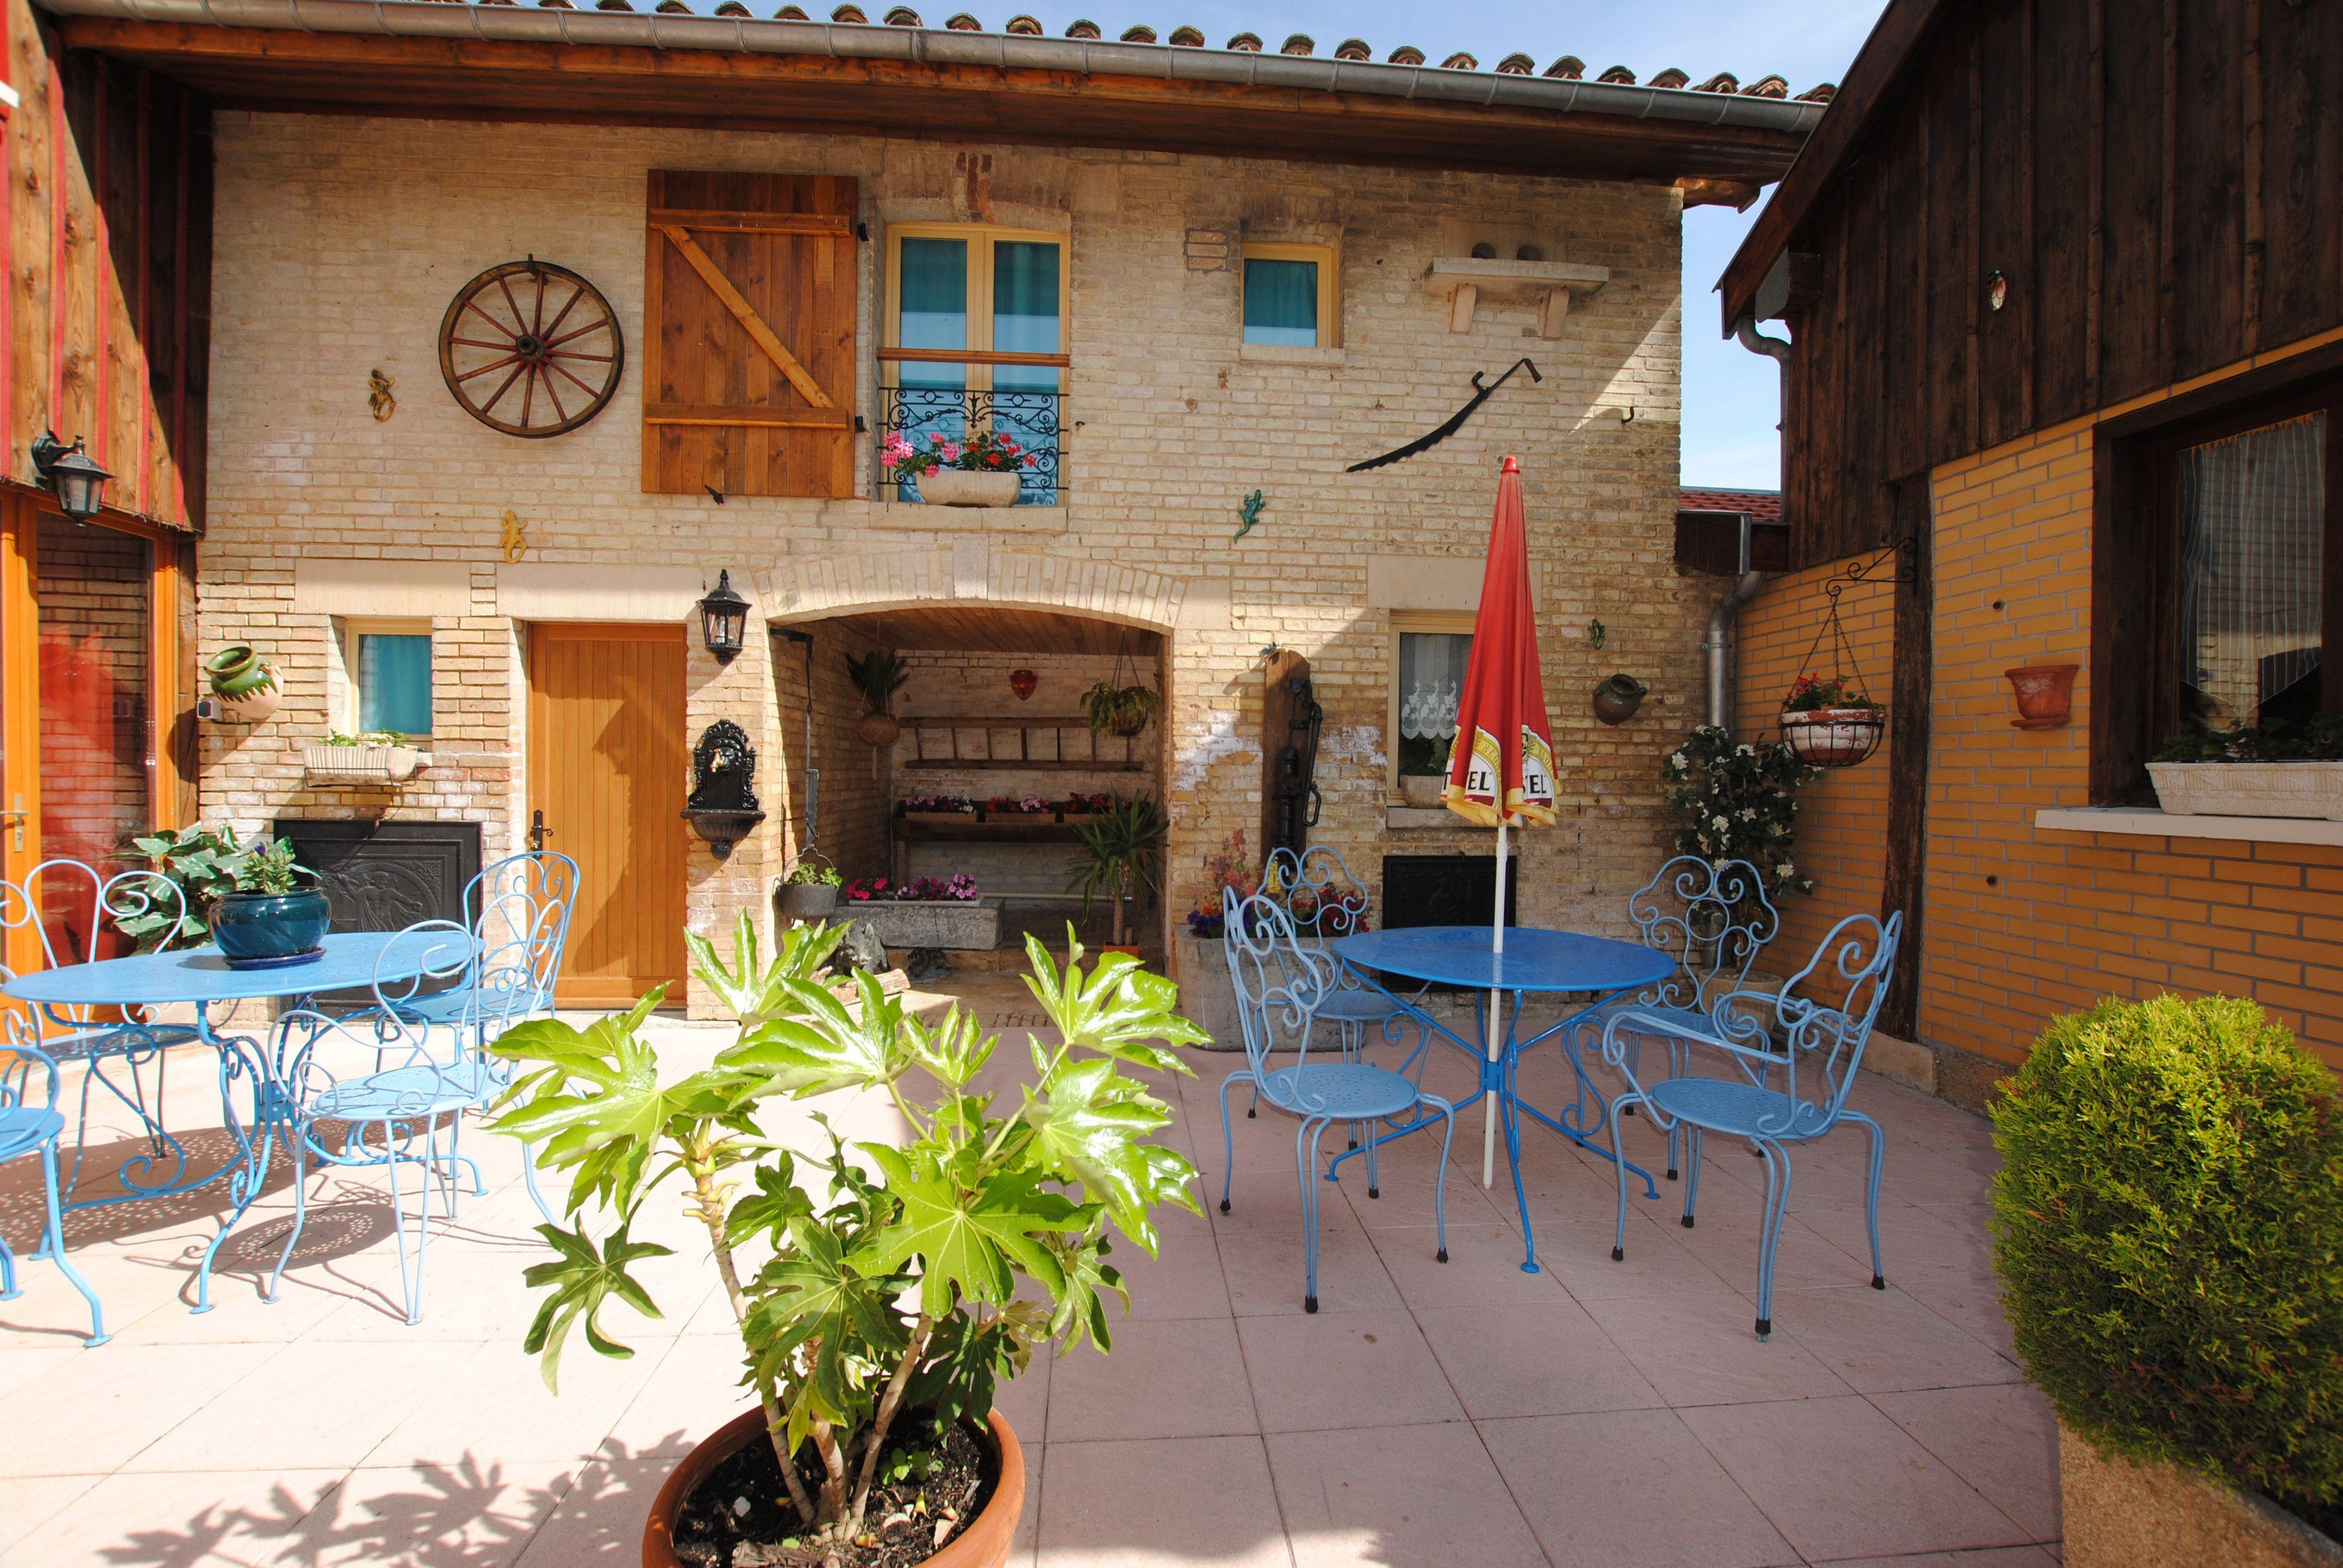 Chambre d'hôtes - Le Pigeonnier - 51G51205 - Dampierre-le-Chateau - Gîtes de France Marne